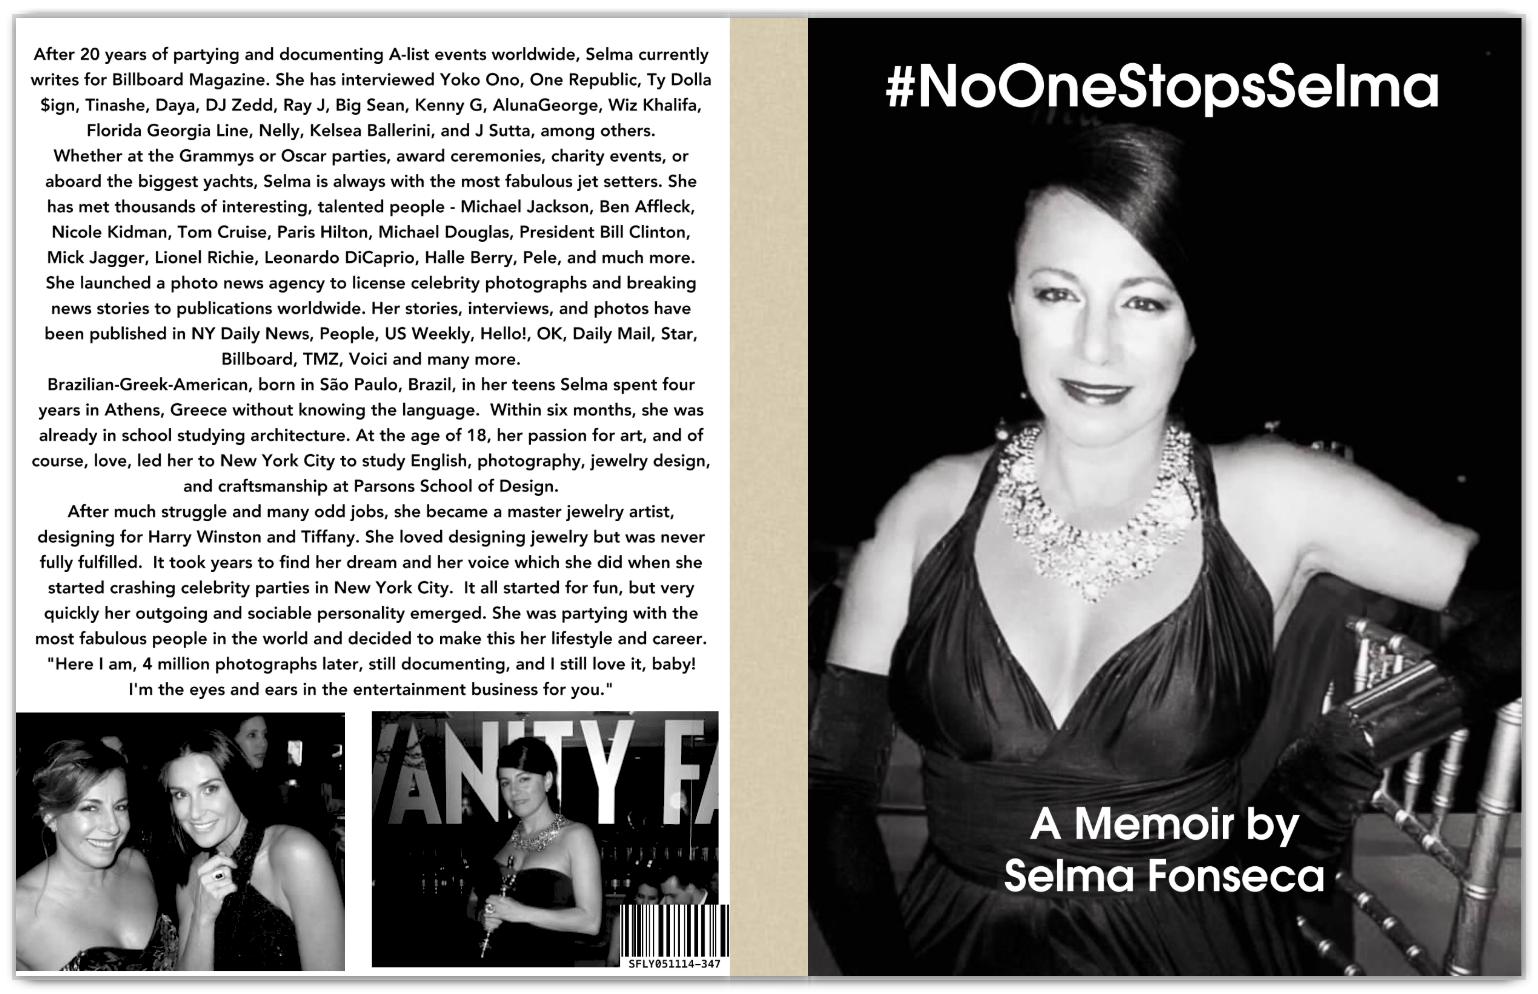 """""""#NoOneStopsSelma A Memoir by Selma Fonseca  Cover page"""